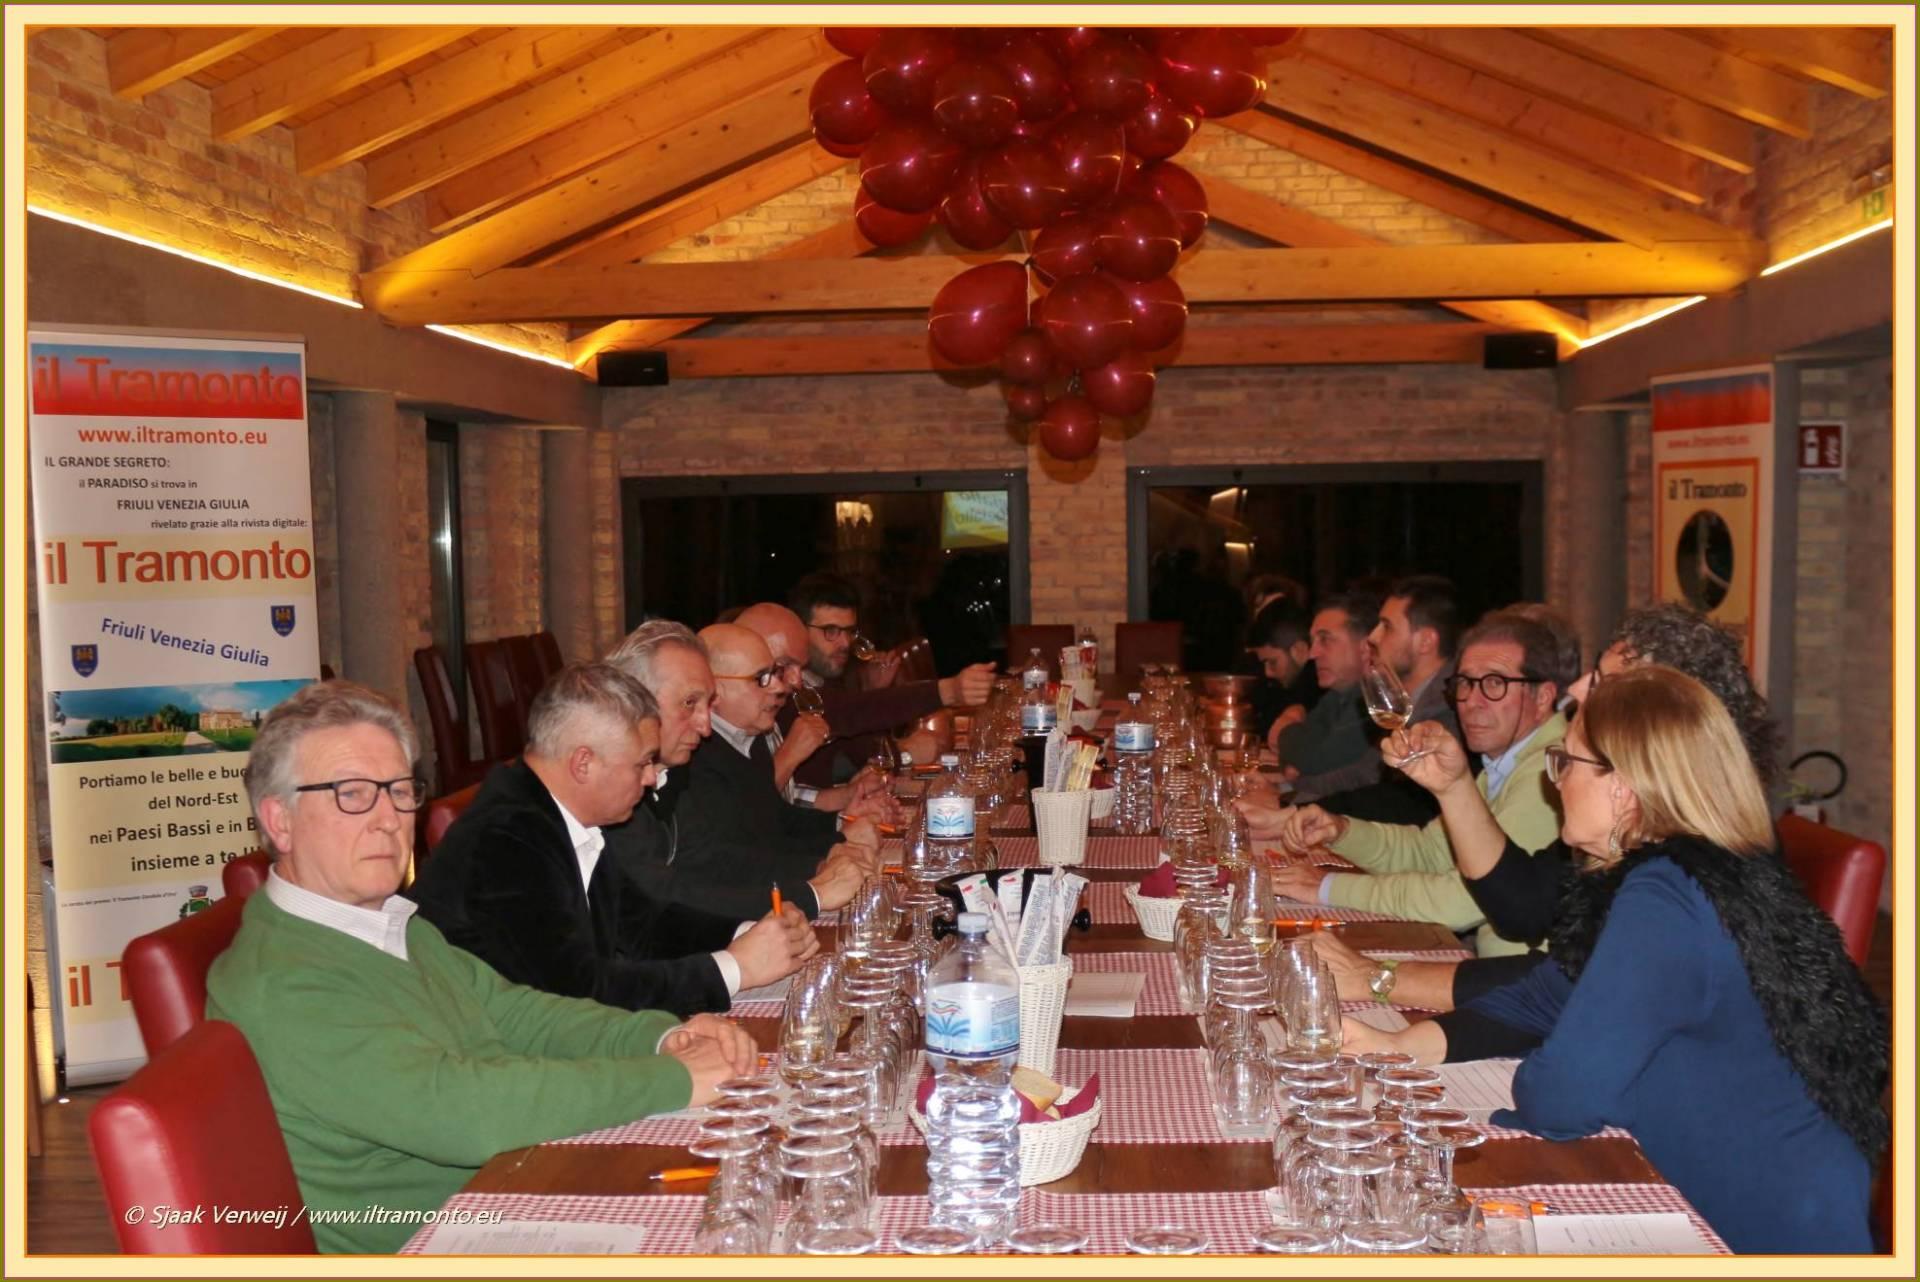 rgs_7547_il-tramonto-wines